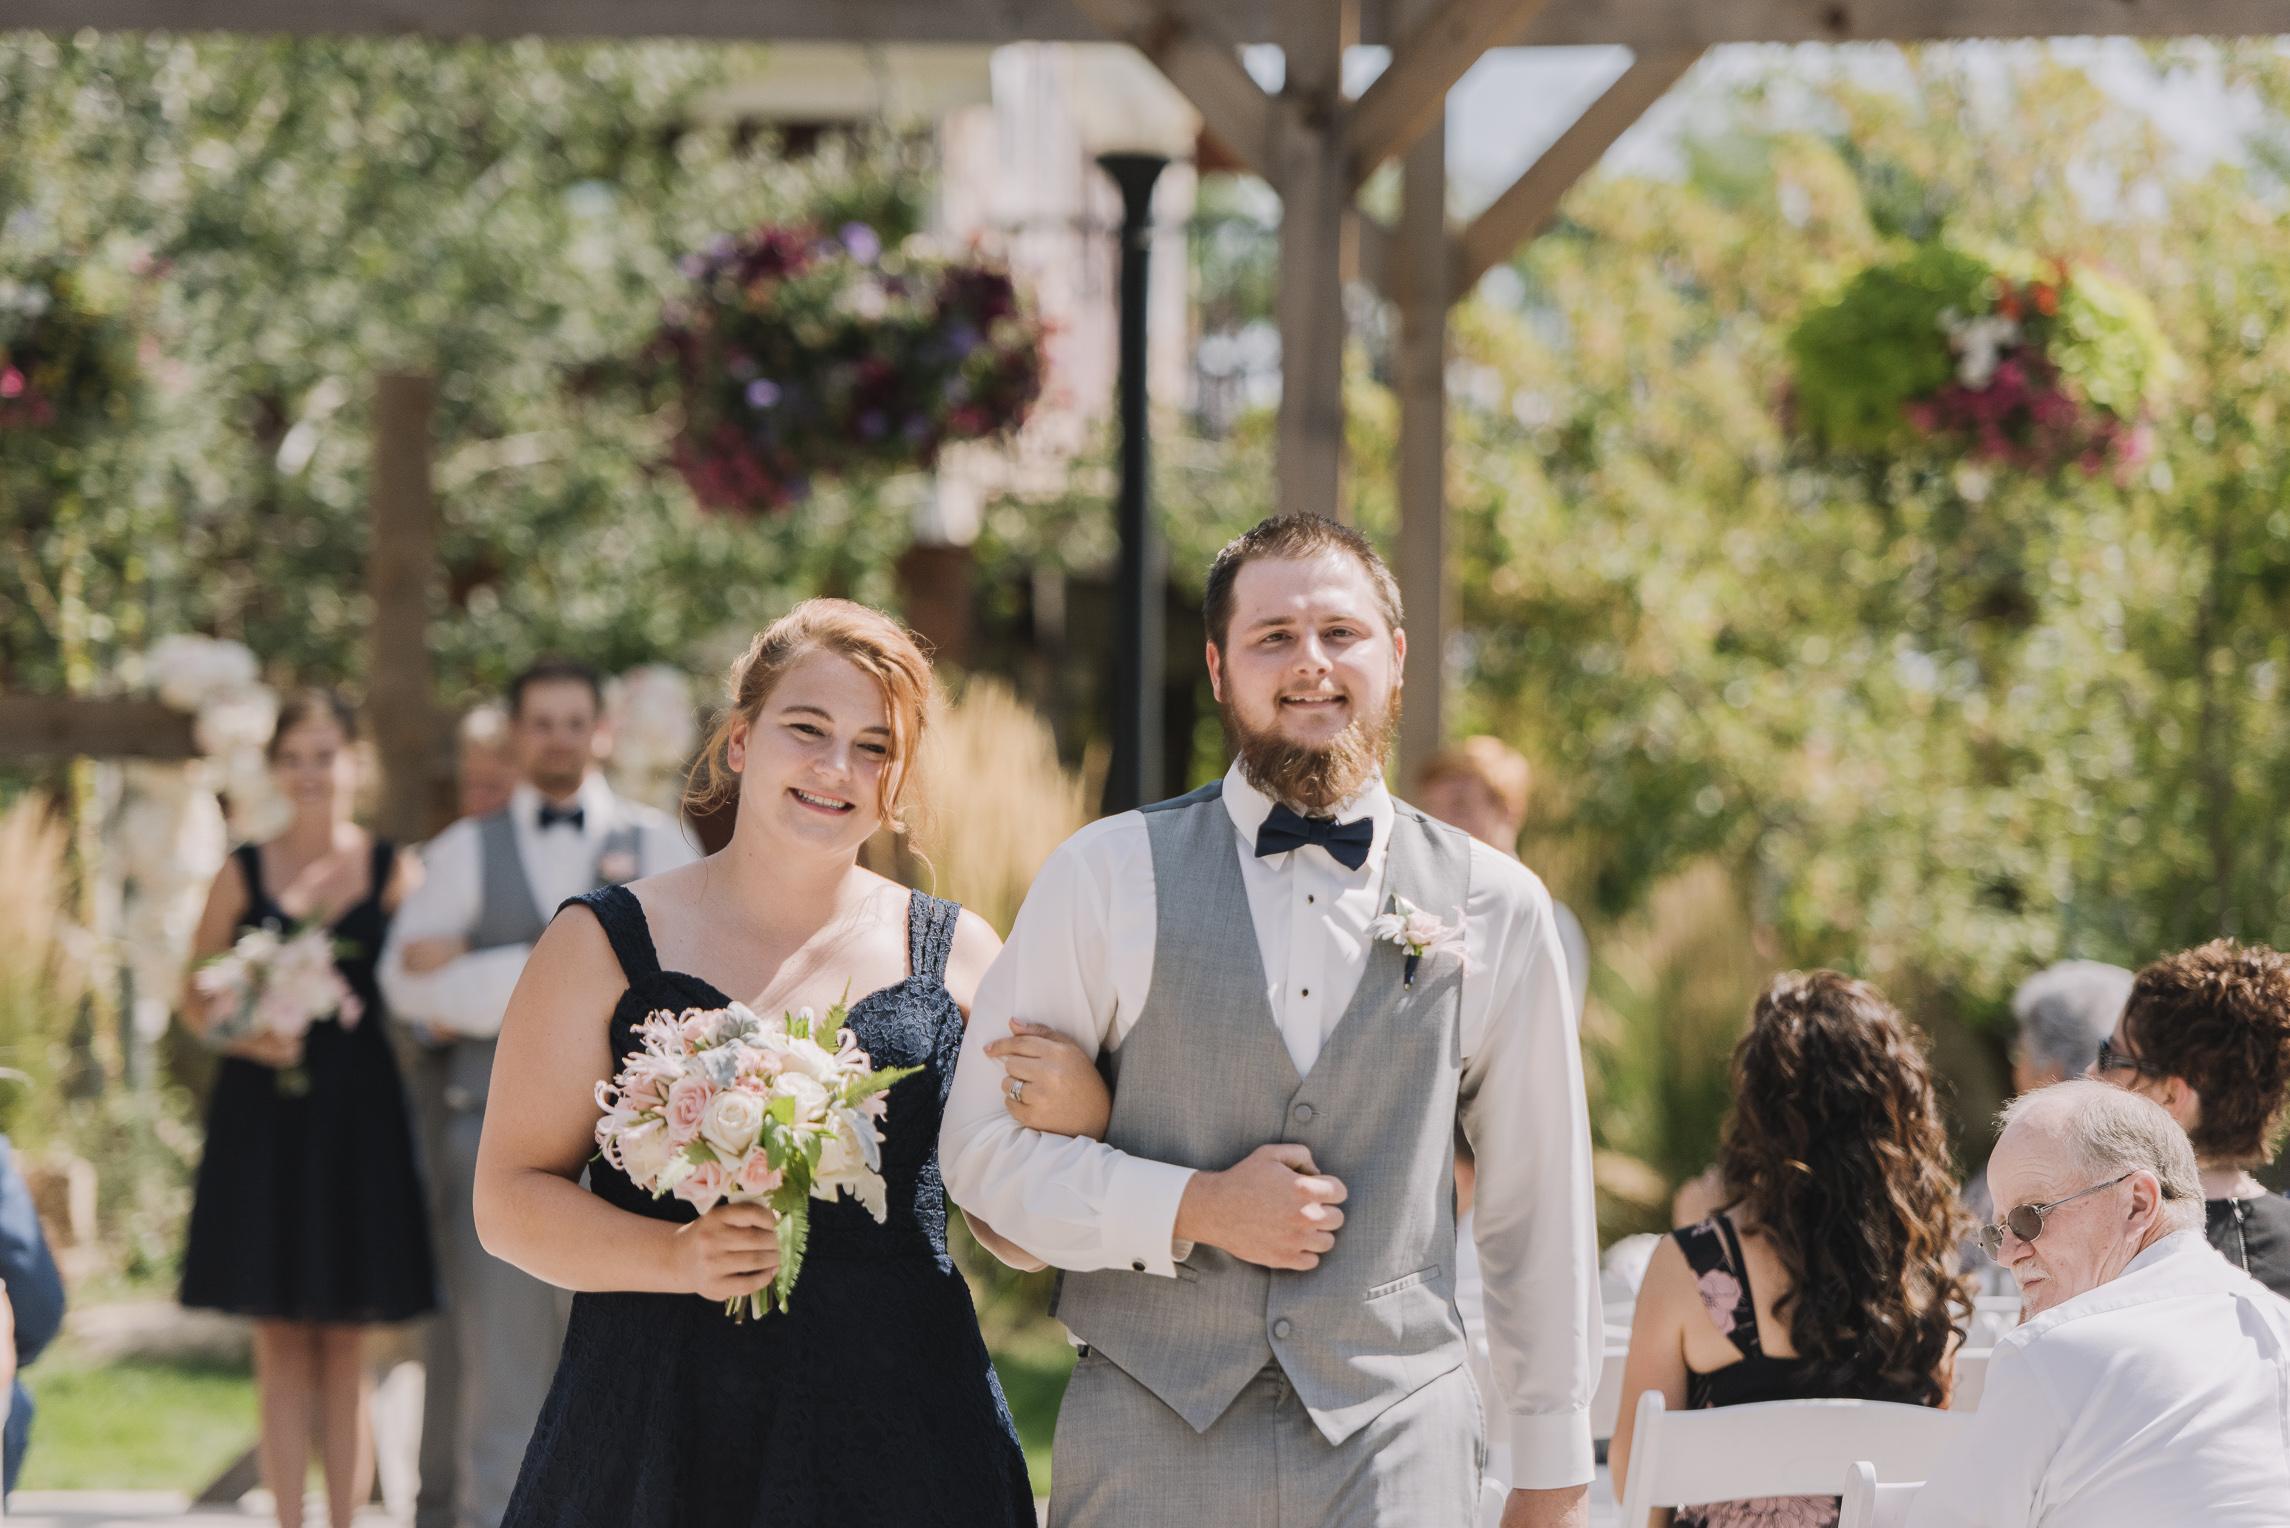 web sized images -- no to print --CALVIN & MCKYLEY WEDDING PHOTOS - COLORADO PHOTOGRAPHER - DEBI RAE PHOTOGRAPHY-1109.jpg